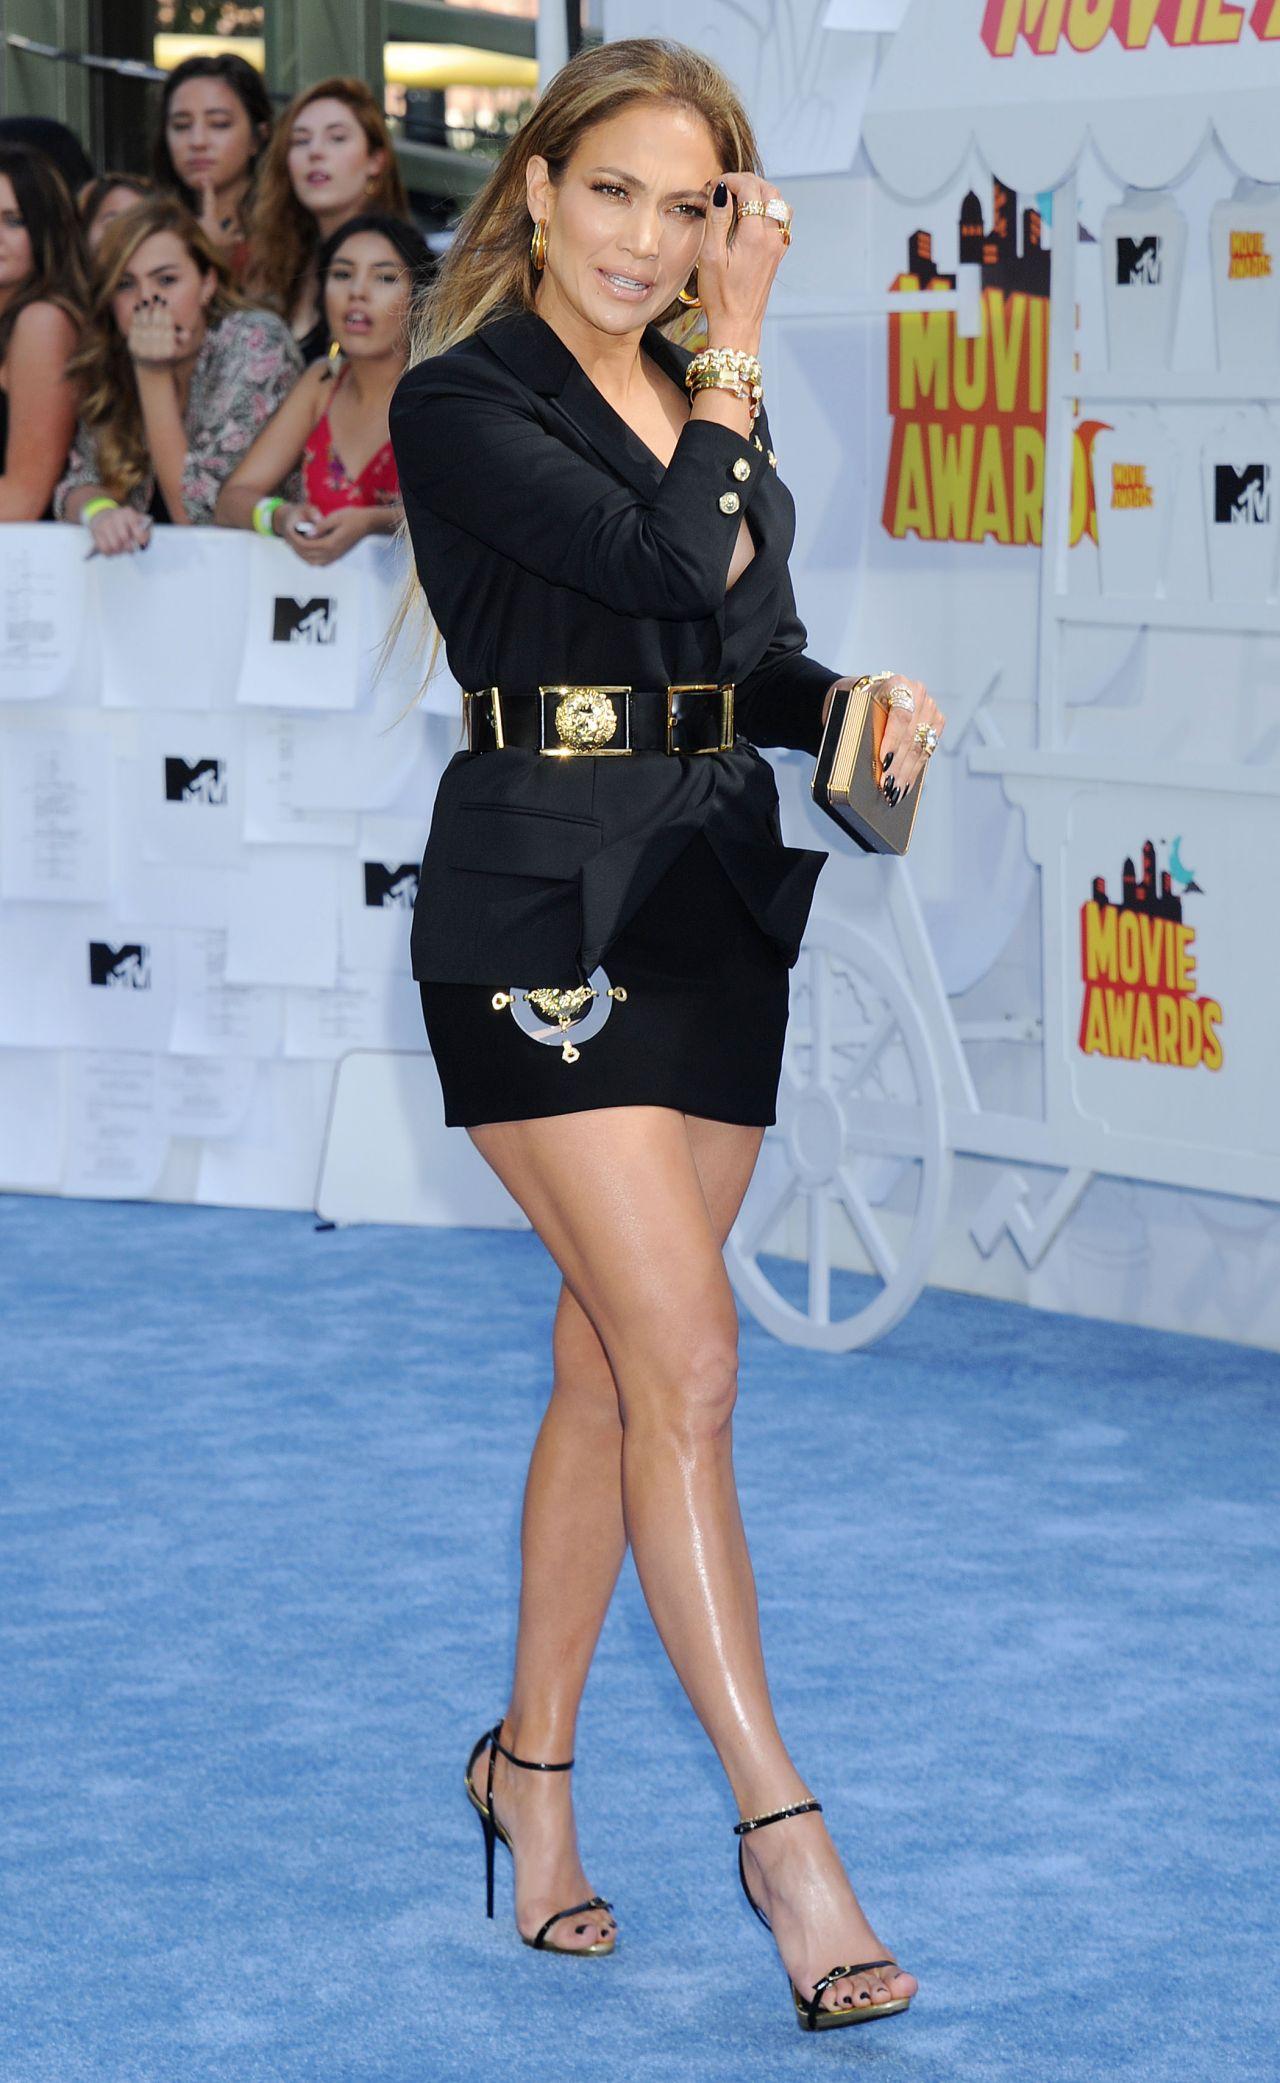 Jennifer Lopez Picture 1026 - The 2015 MTV Movie Awards